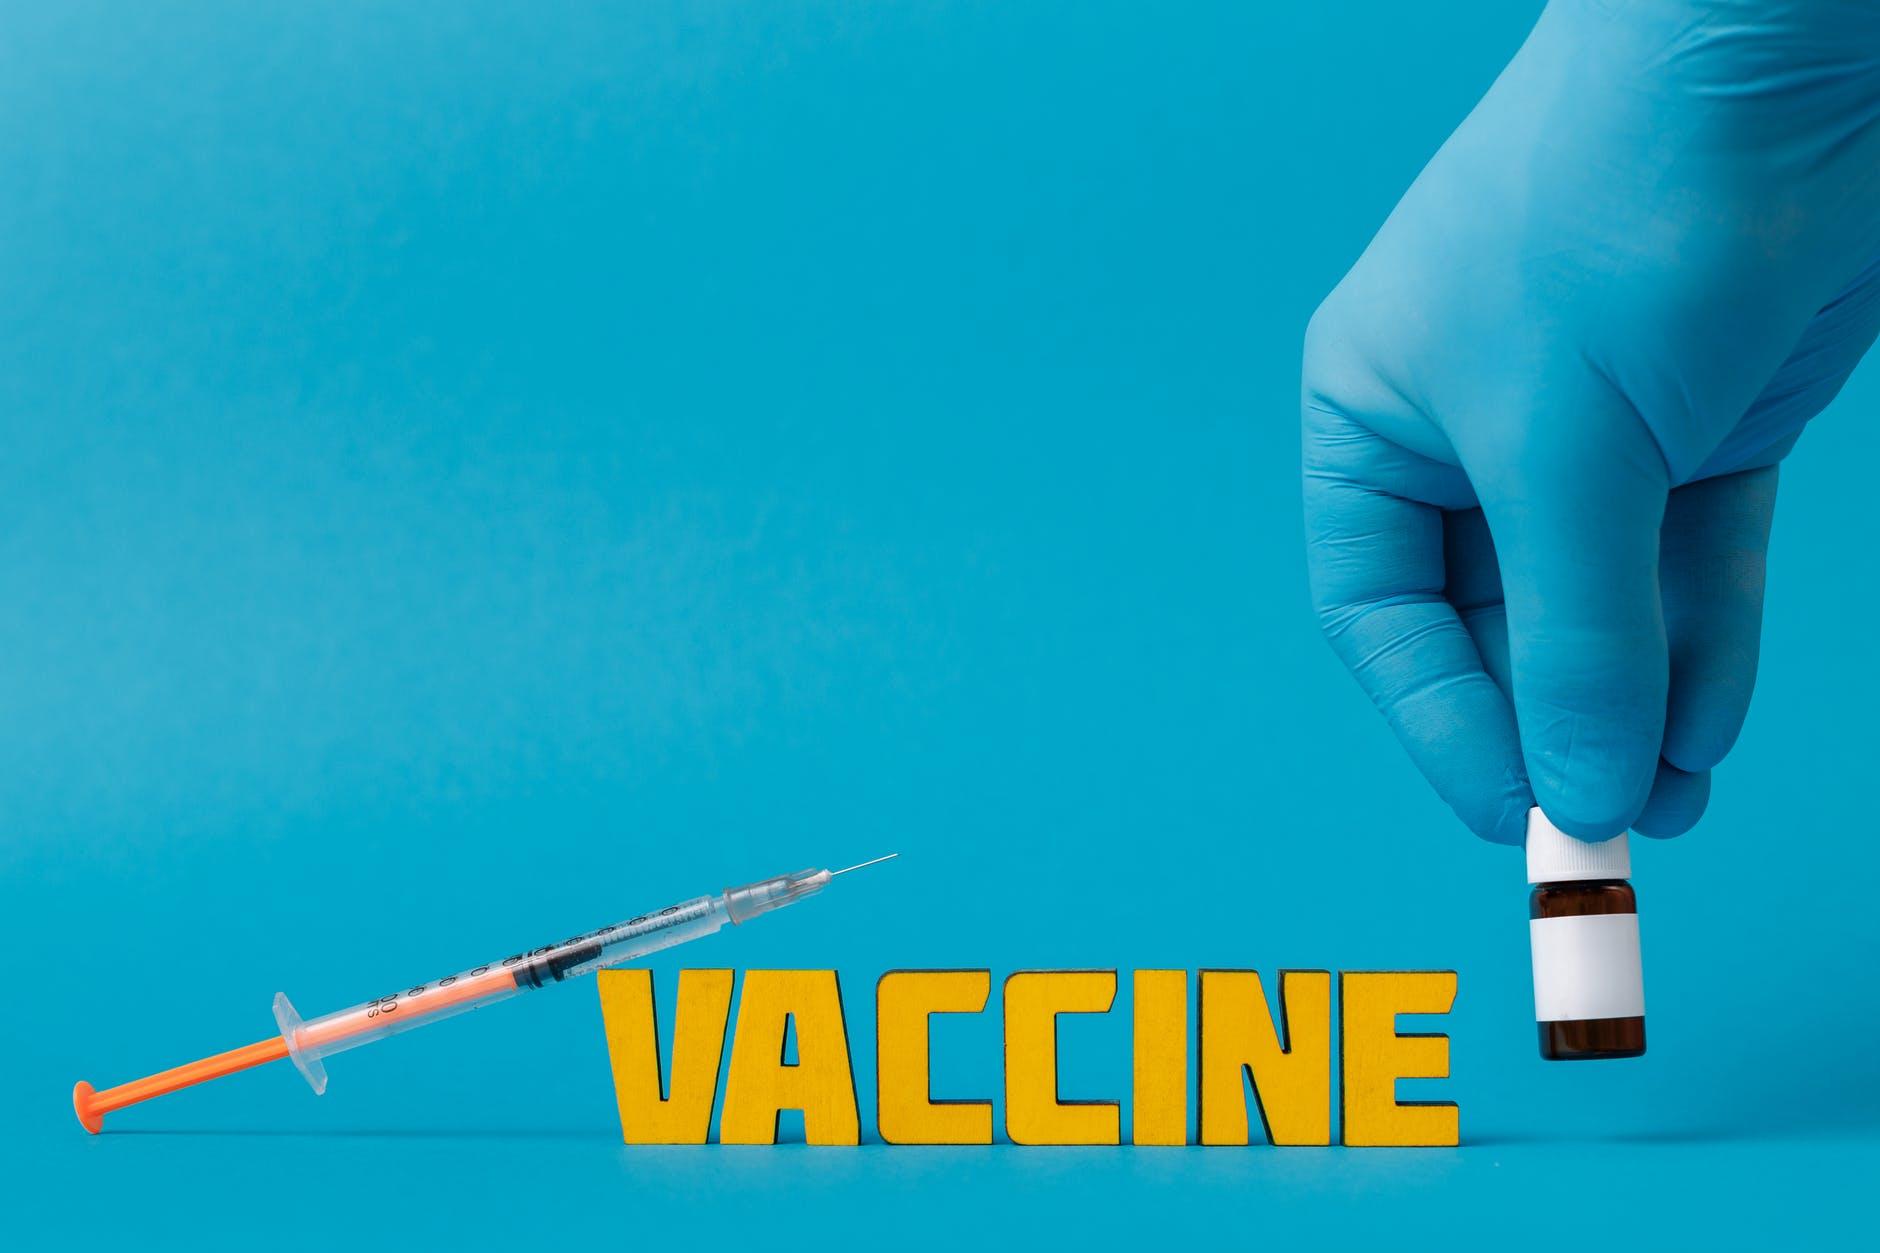 Perjalanan Vaksin Bisa Masuk ke Tubuh Manusia